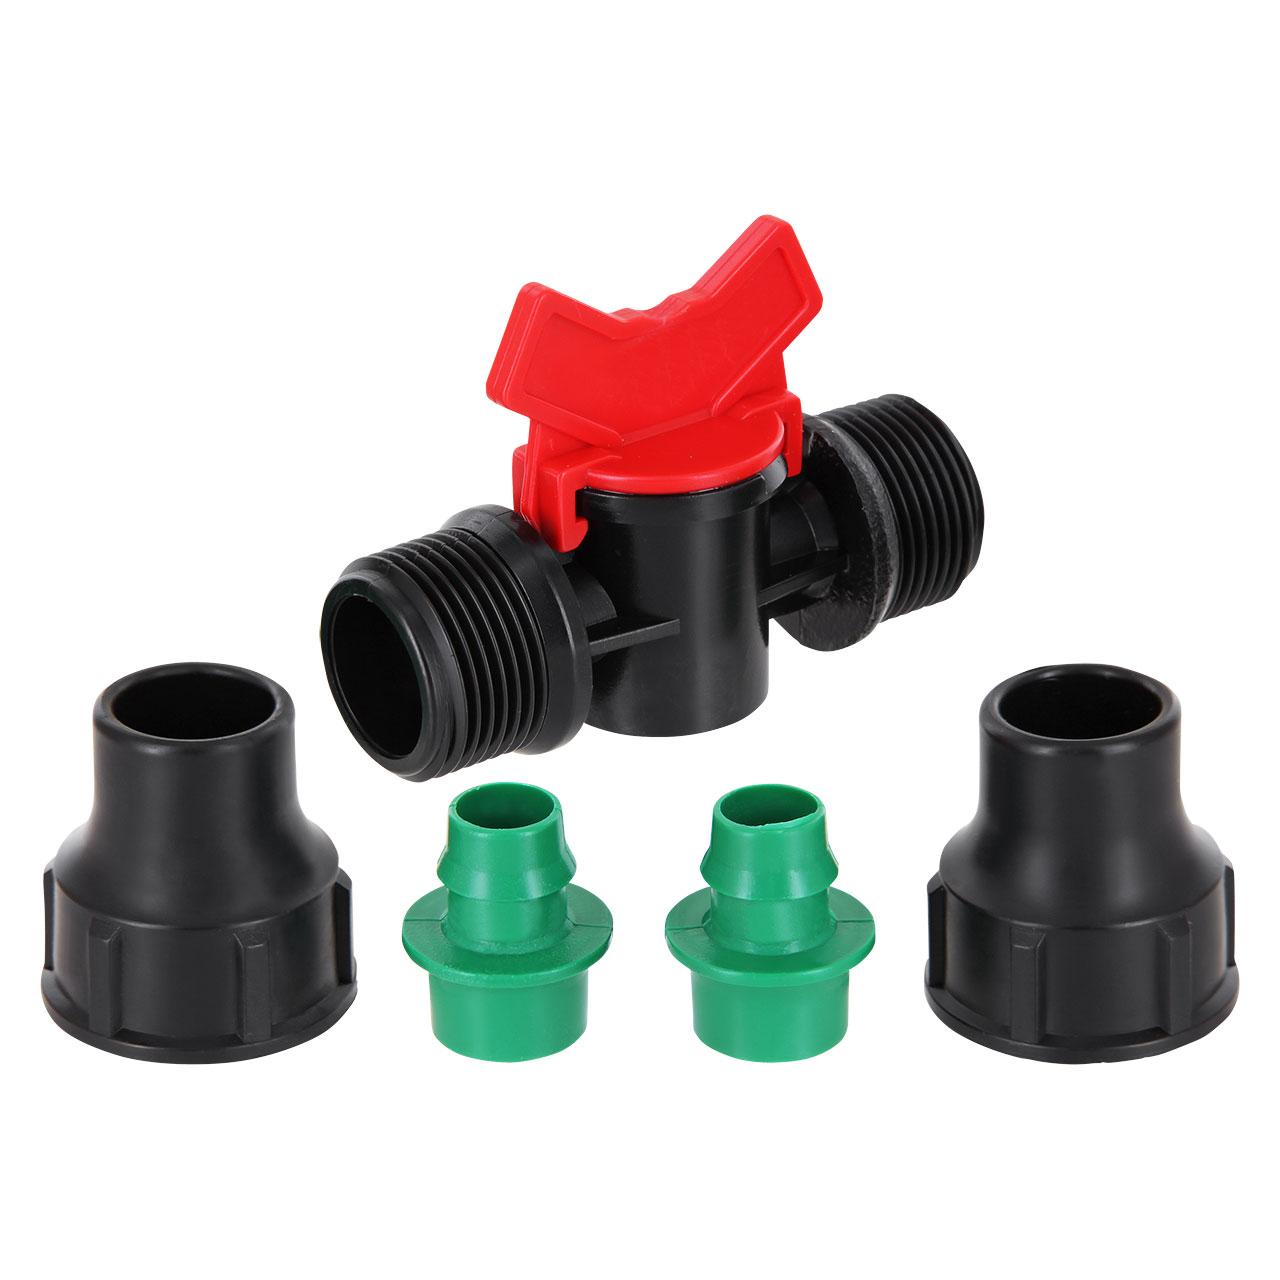 Absperrhahn Außengewinde x Lock-Quick Fitting System Lock für PE Rohr PN4